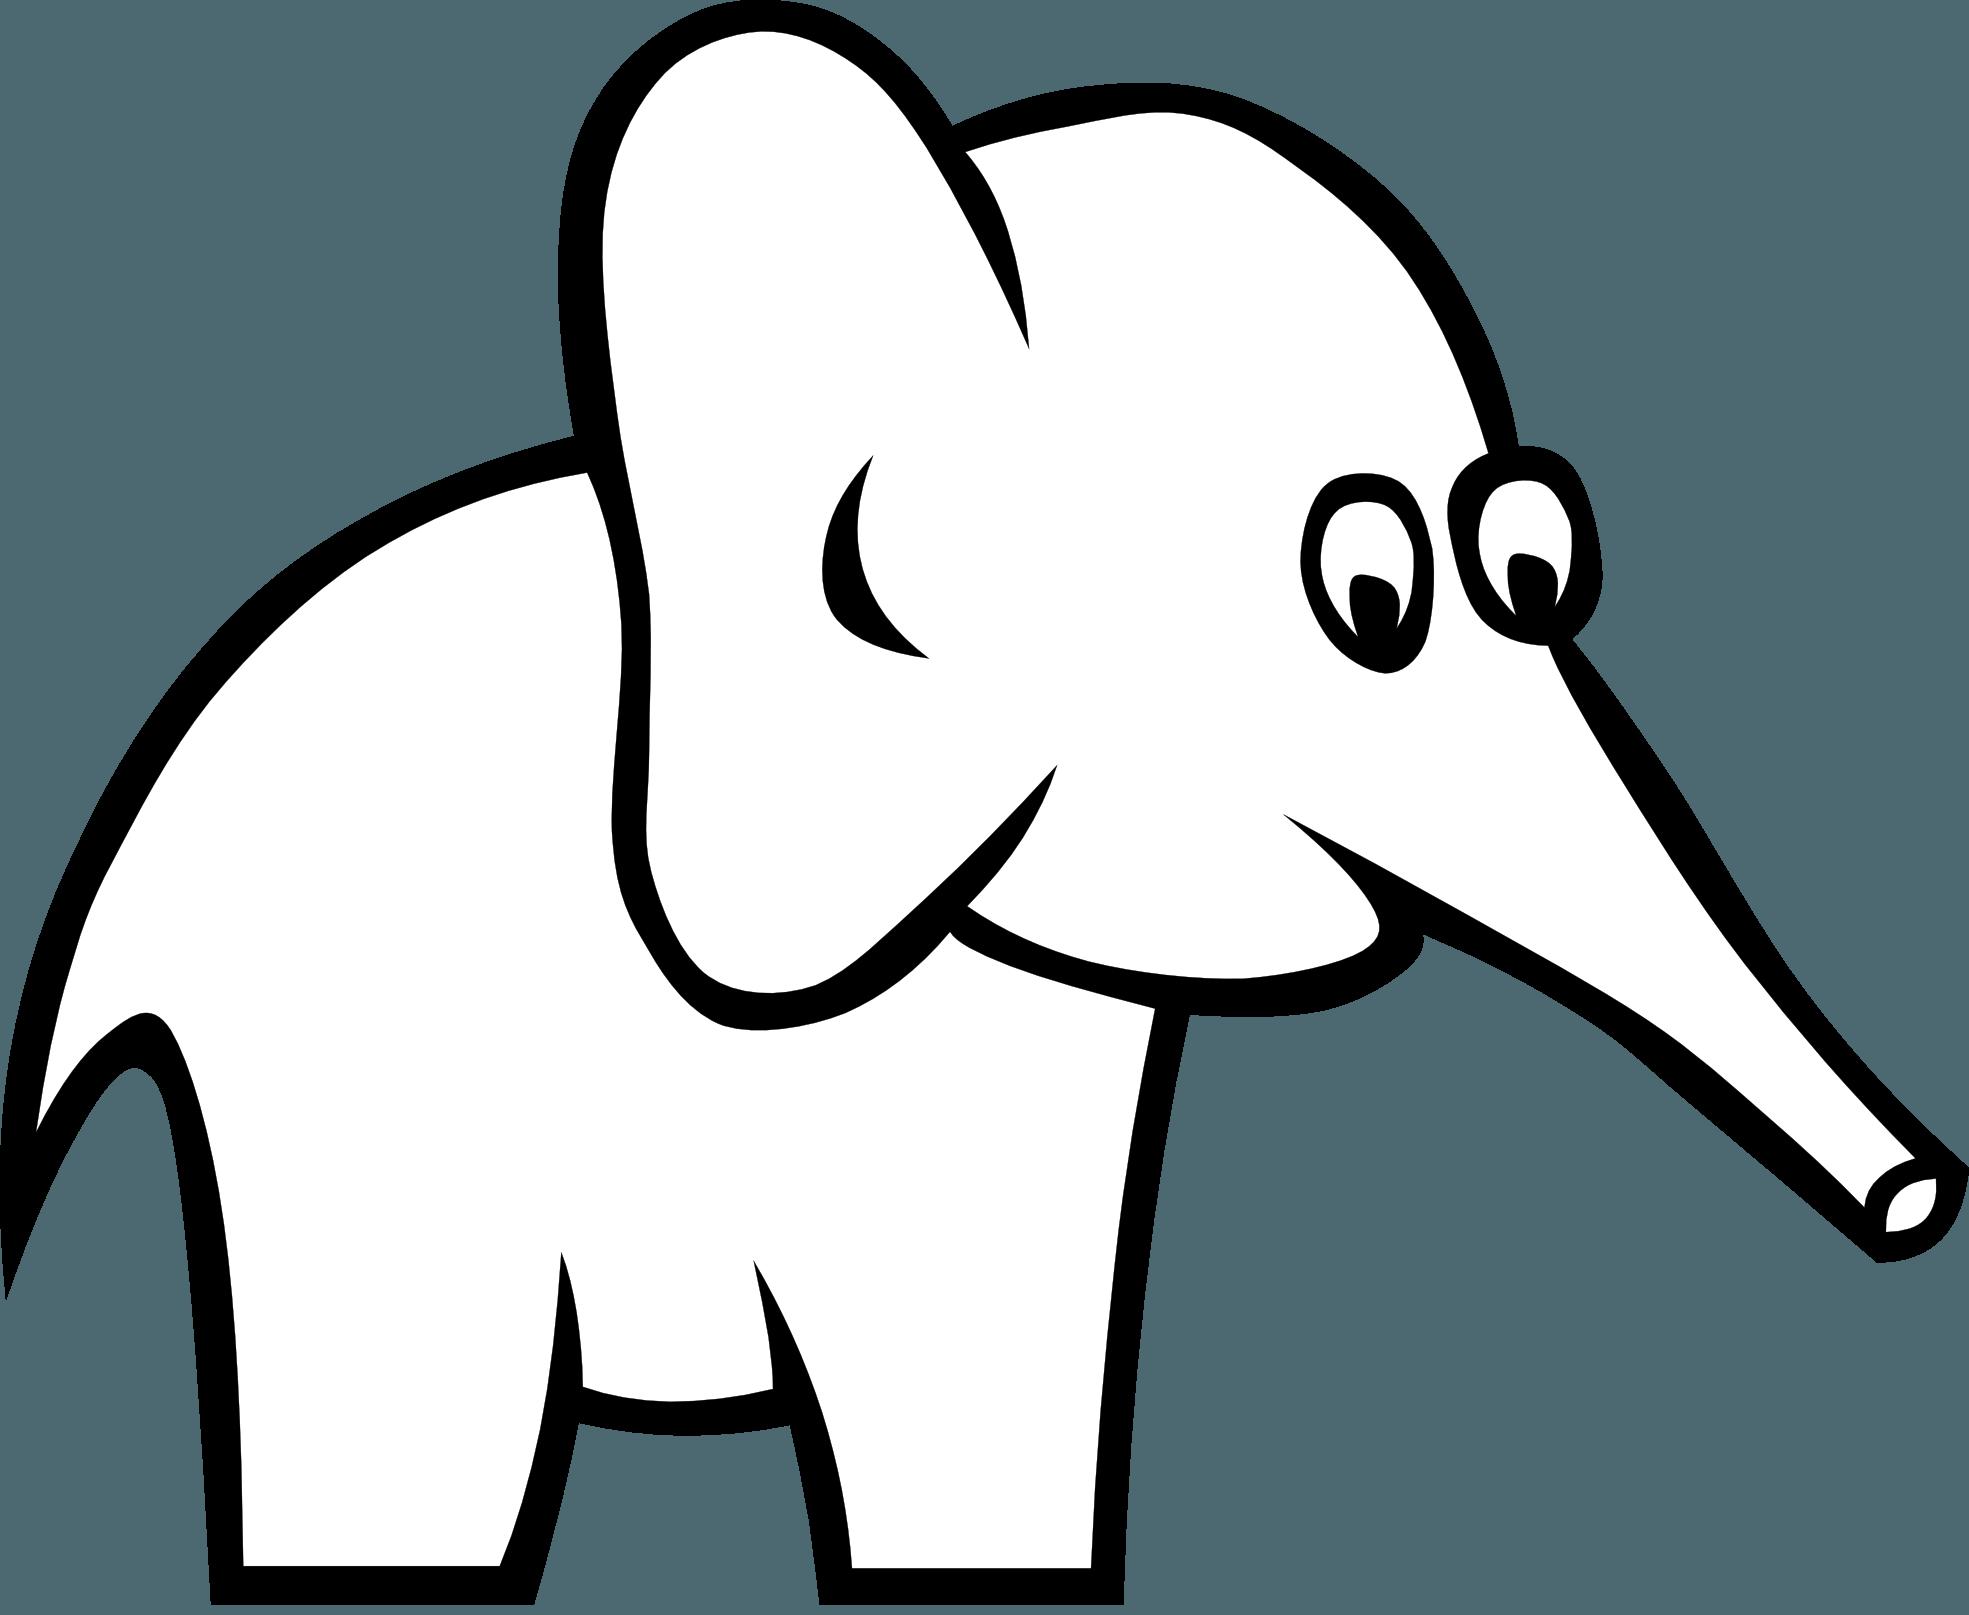 Black And White Elephant Logo